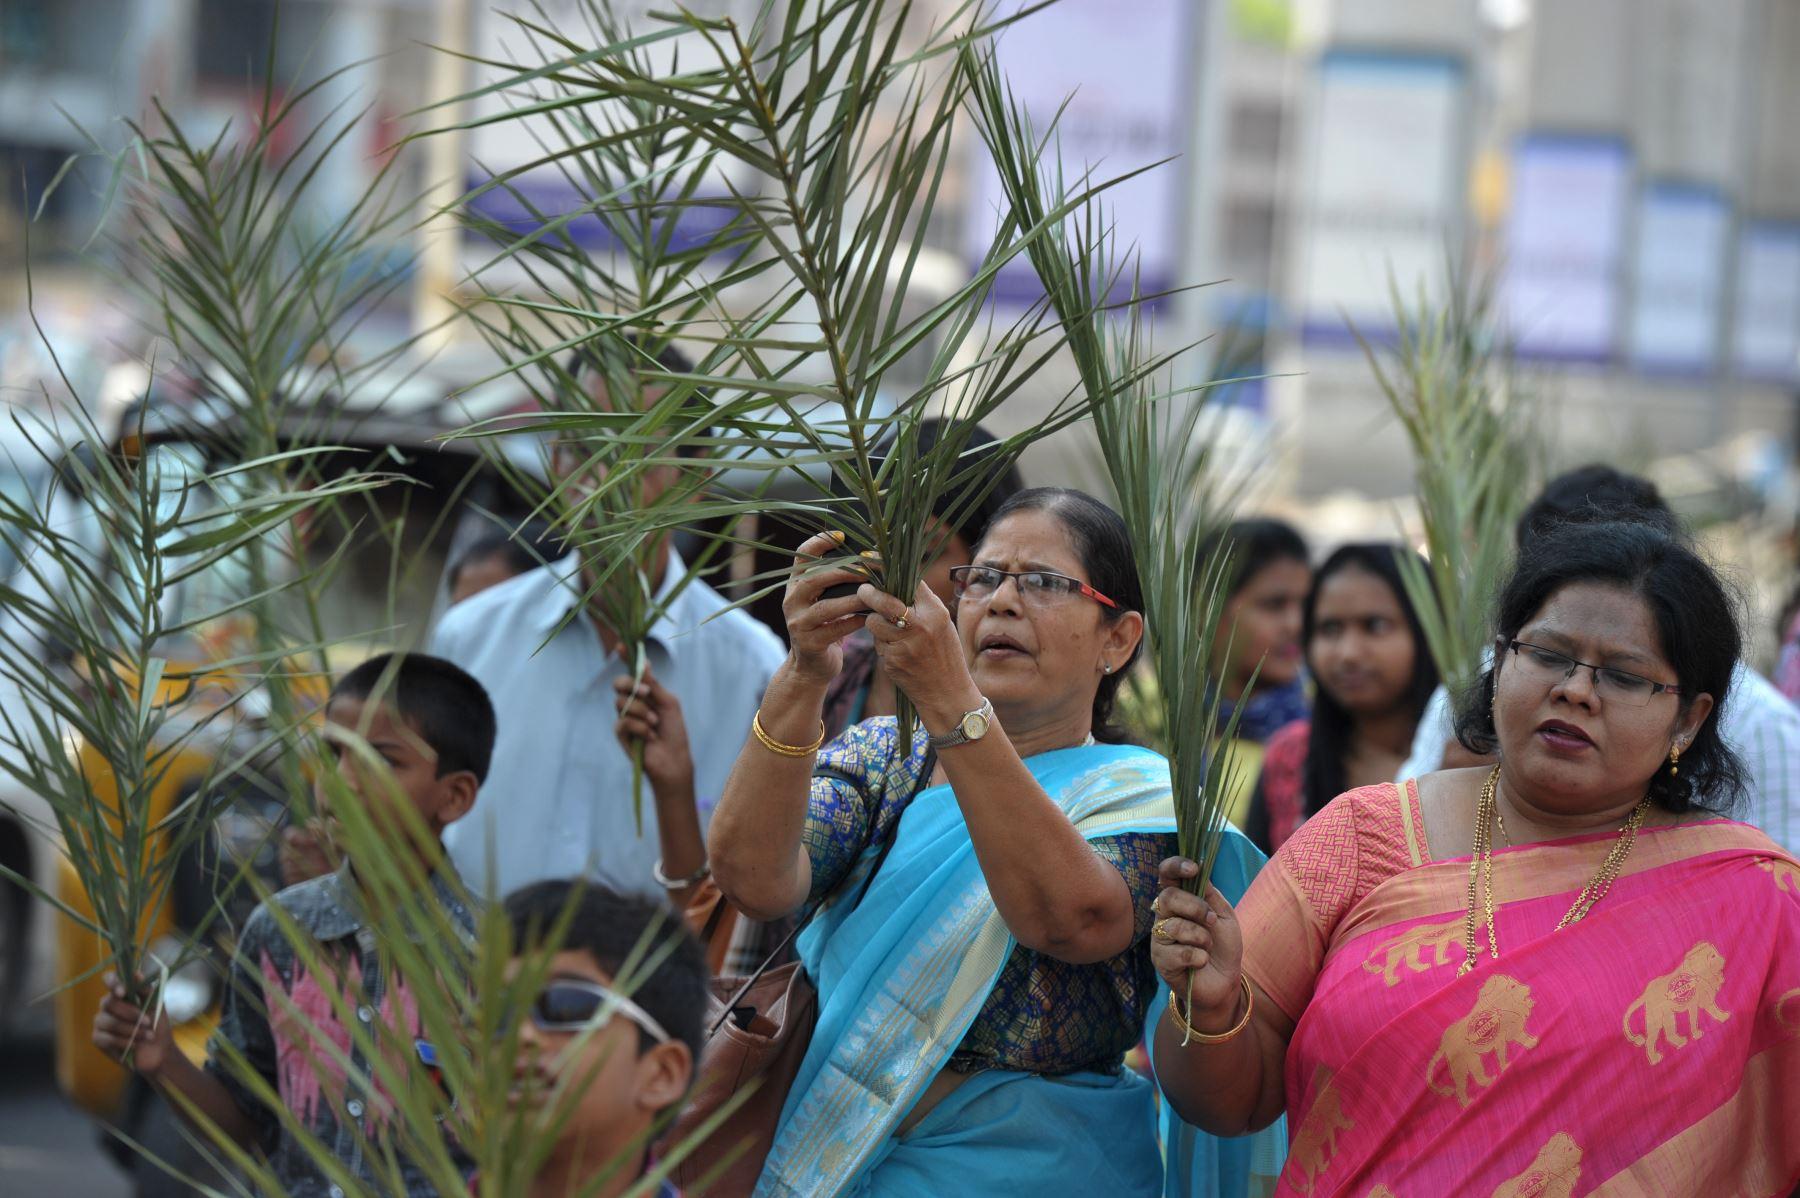 Los devotos cristianos dianes llevan ramas de palma durante una procesión del Domingo de Ramos a lo largo de una carretera en Secunderabad, la ciudad gemela de Hyderabad - India . Foto: AFP